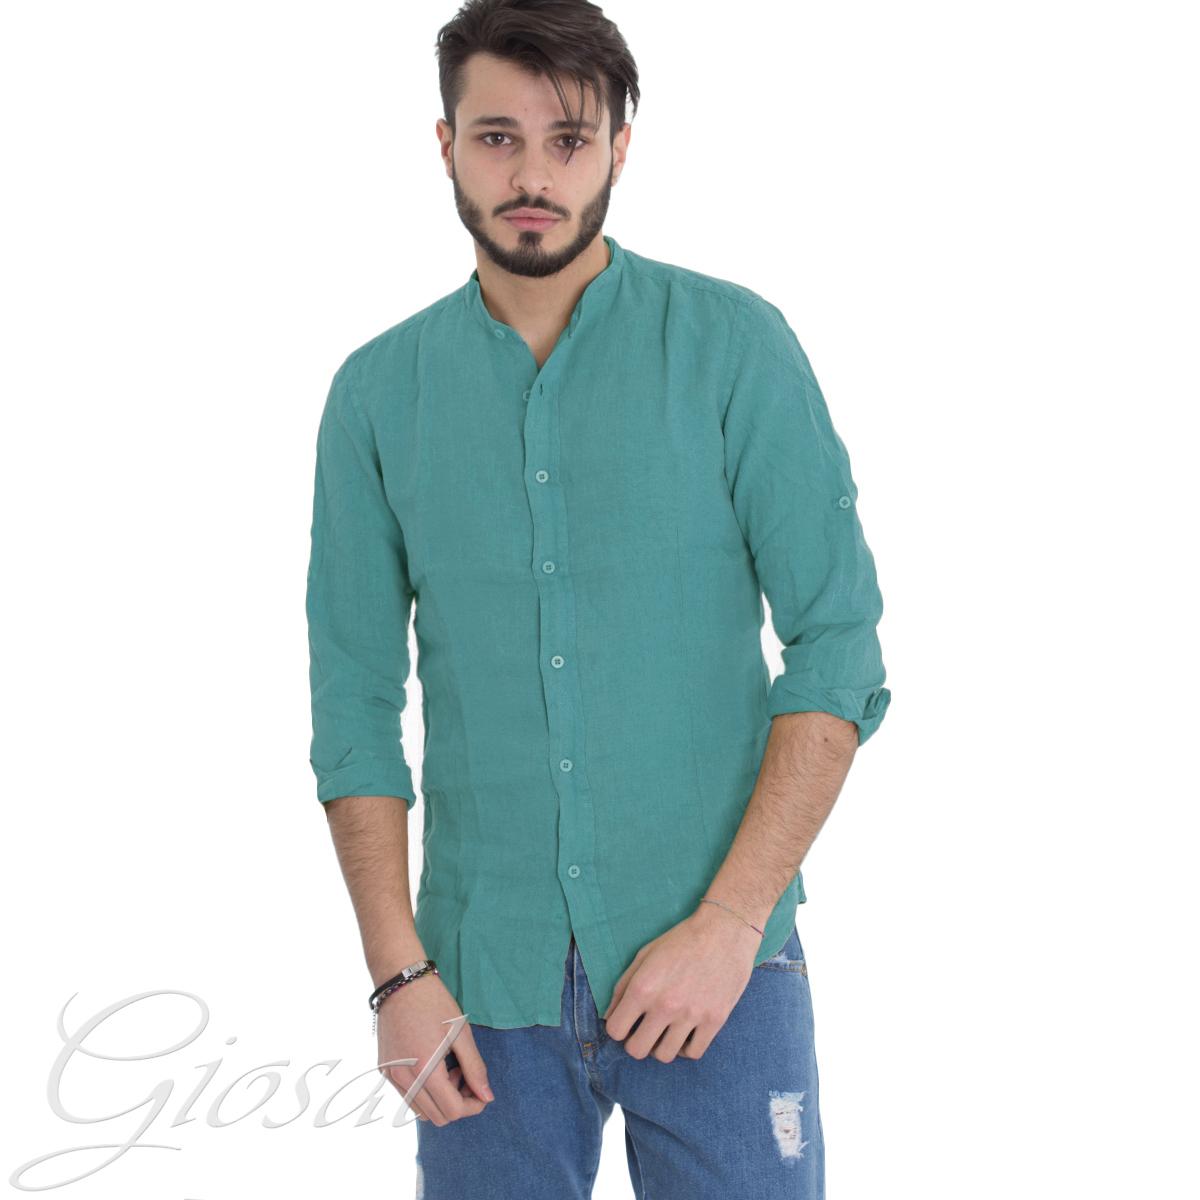 Camicia-Uomo-Collo-Coreano-Tinta-Unita-Verde-Petrolio-Lino-Maniche-Lunghe-GIOSAL miniatura 7